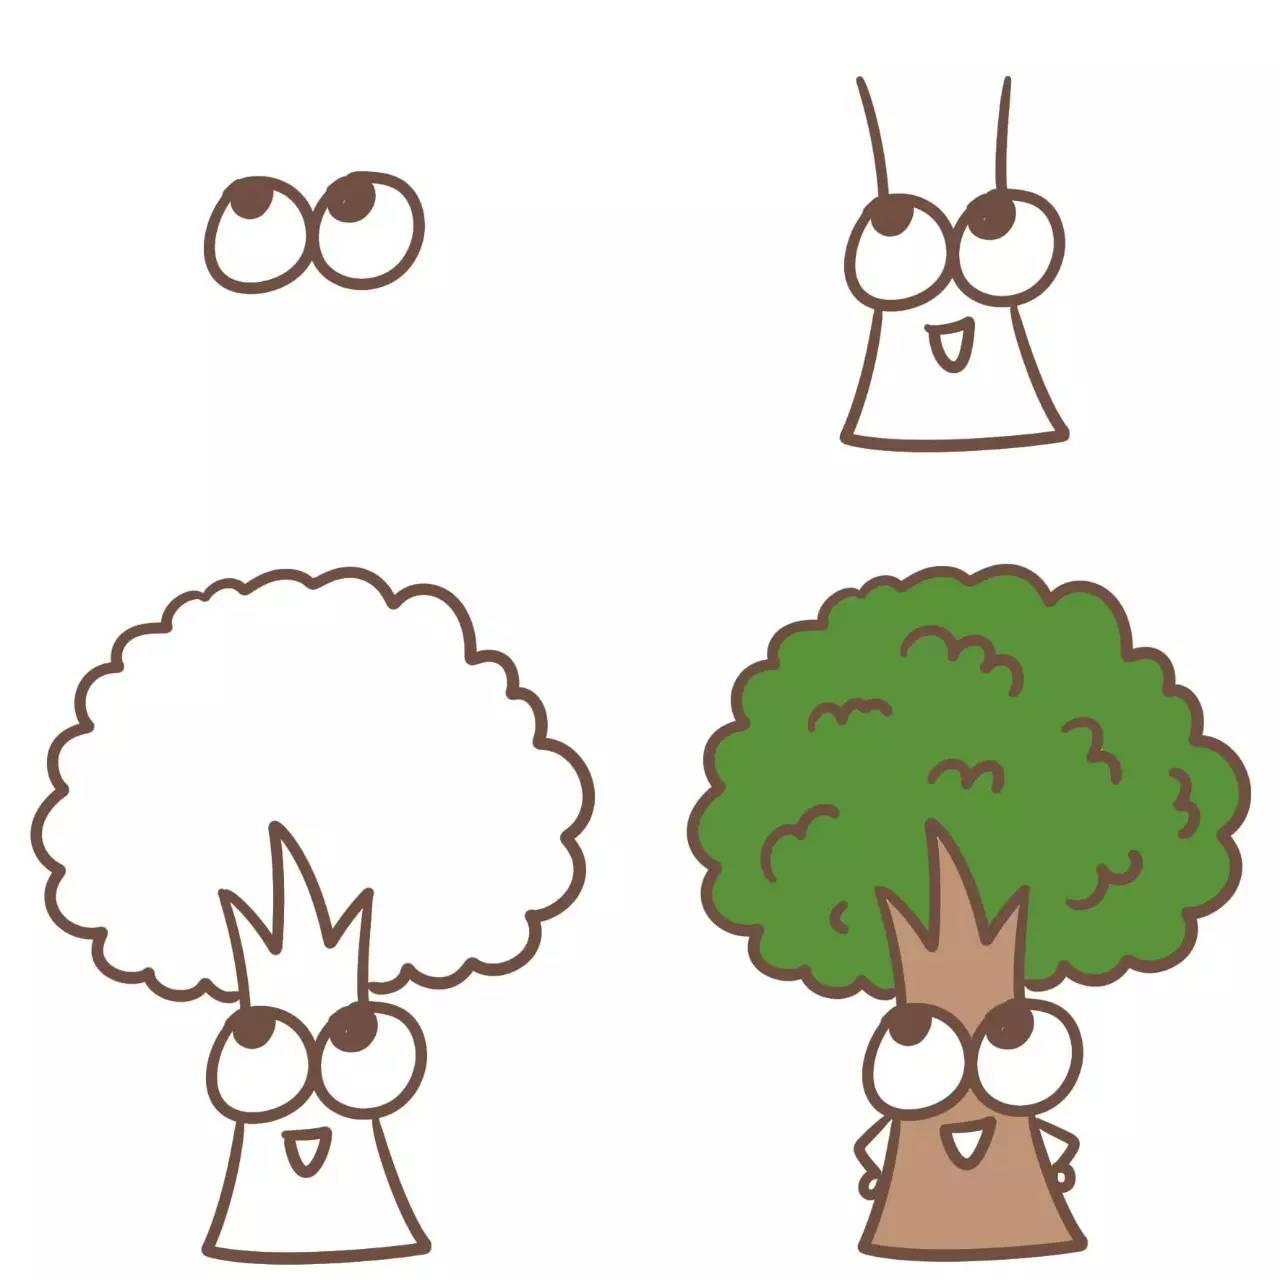 end- 近期简笔画教程: 小狗的9种画法【简笔画】 如何画好小猪